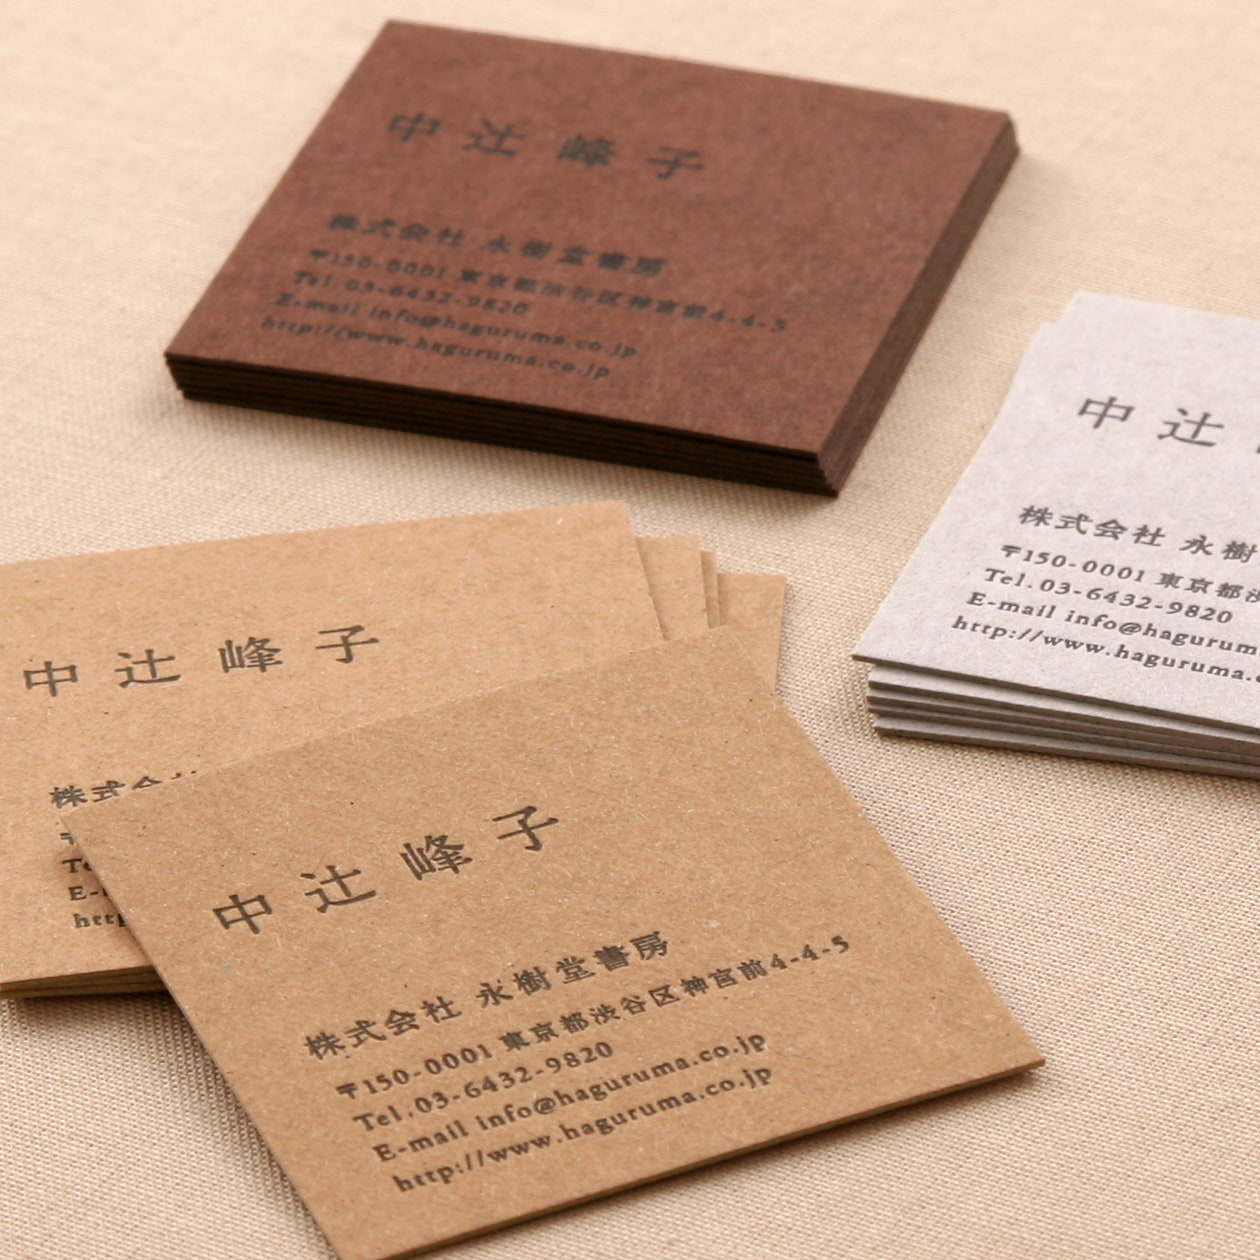 正方形の名刺・ショップカード1